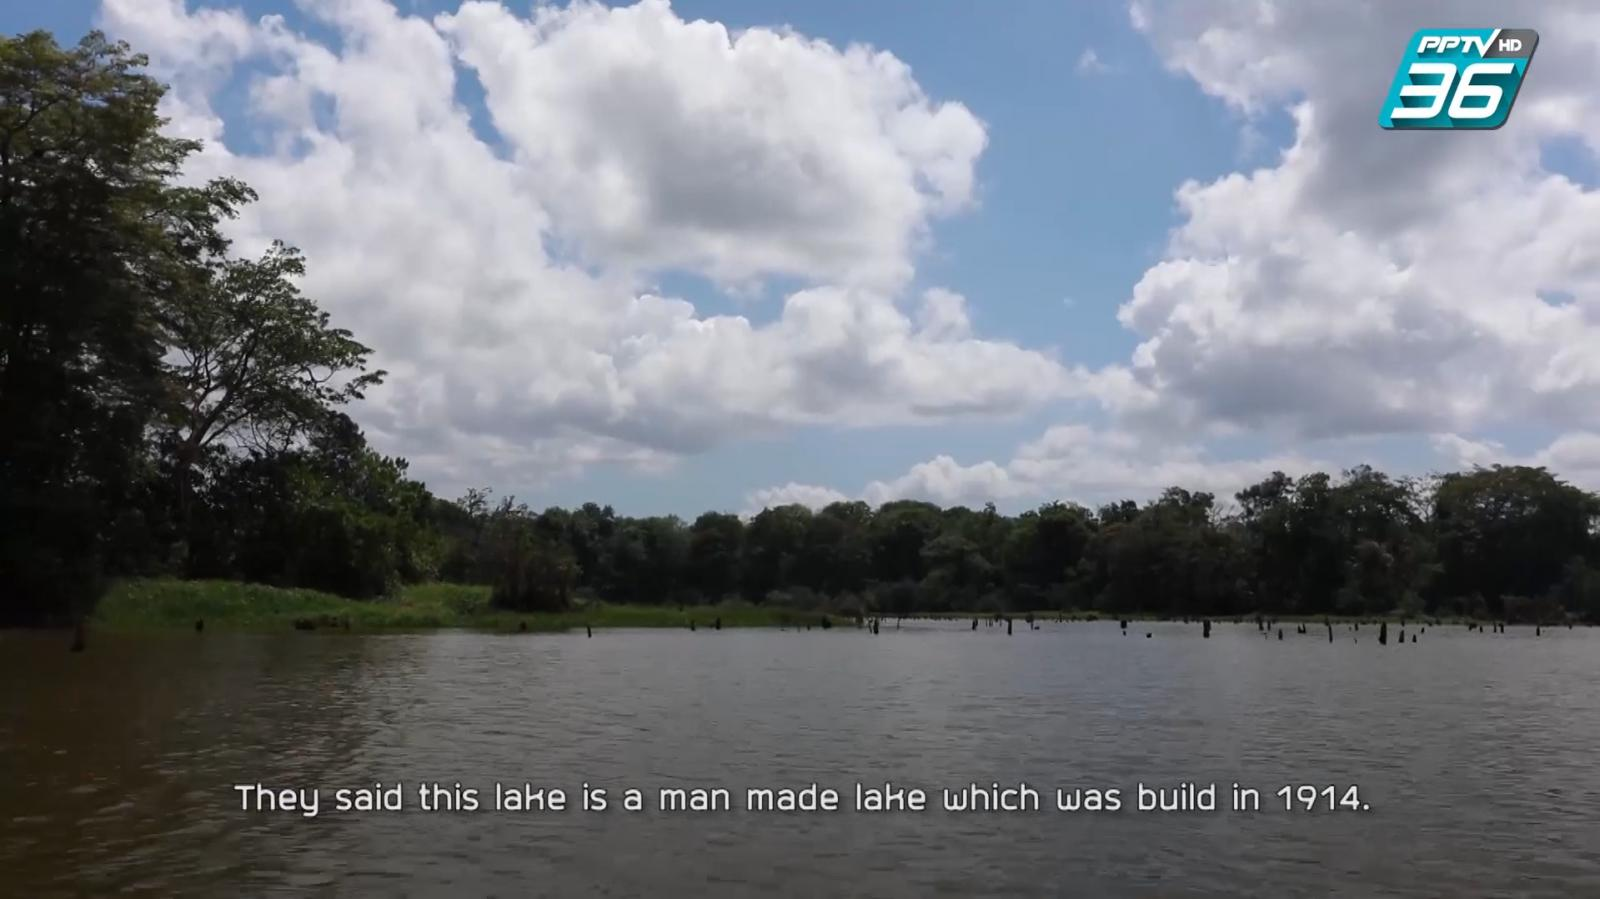 ล่องทะเลสาบกาตูน สัมผัสชีวิตสลอธ สัตว์หายาก ที่ปานามา